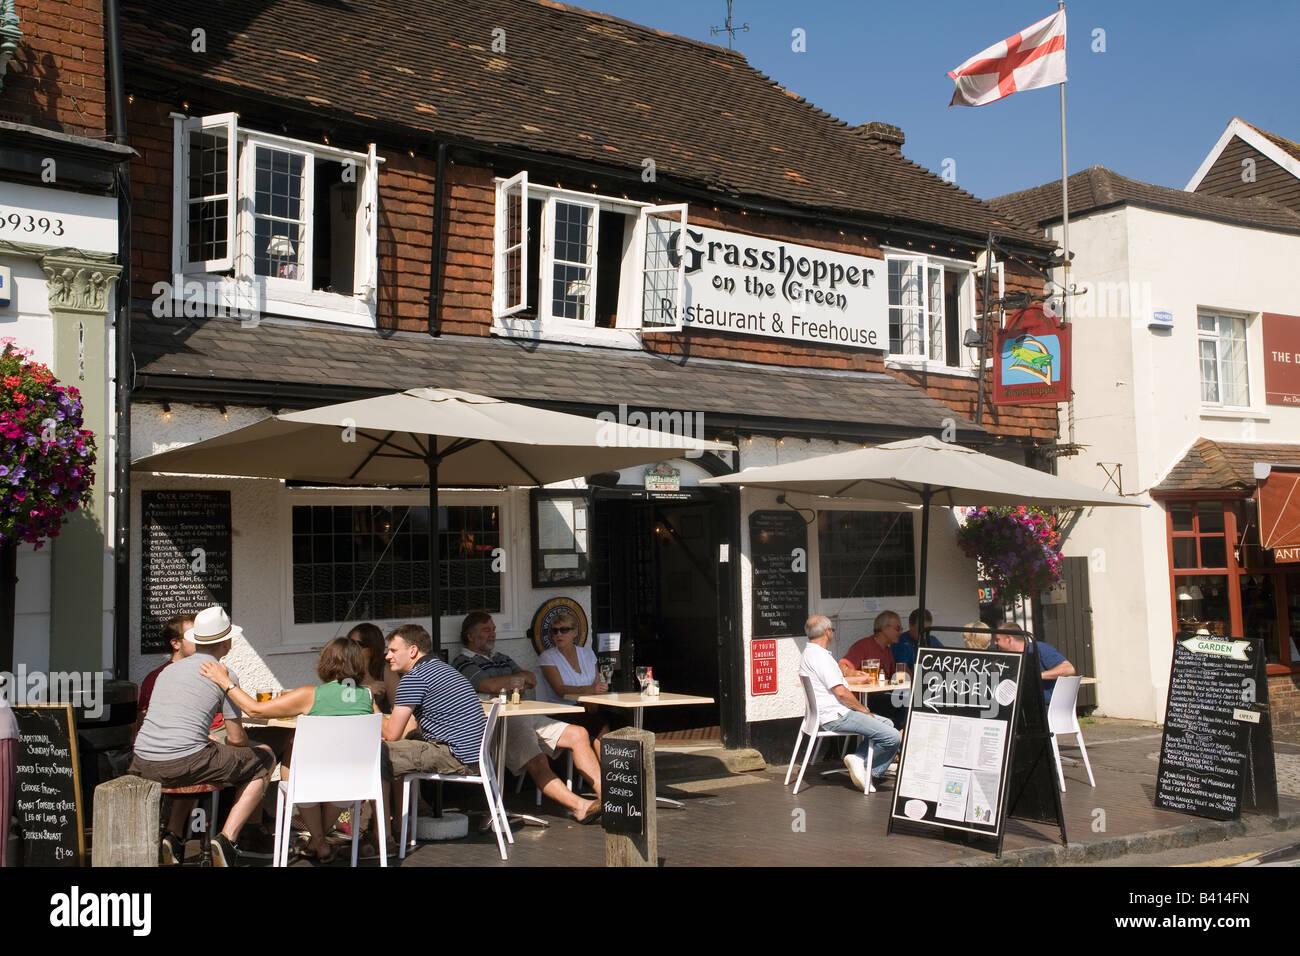 England Kent Westerham Grasshopper inn - Stock Image